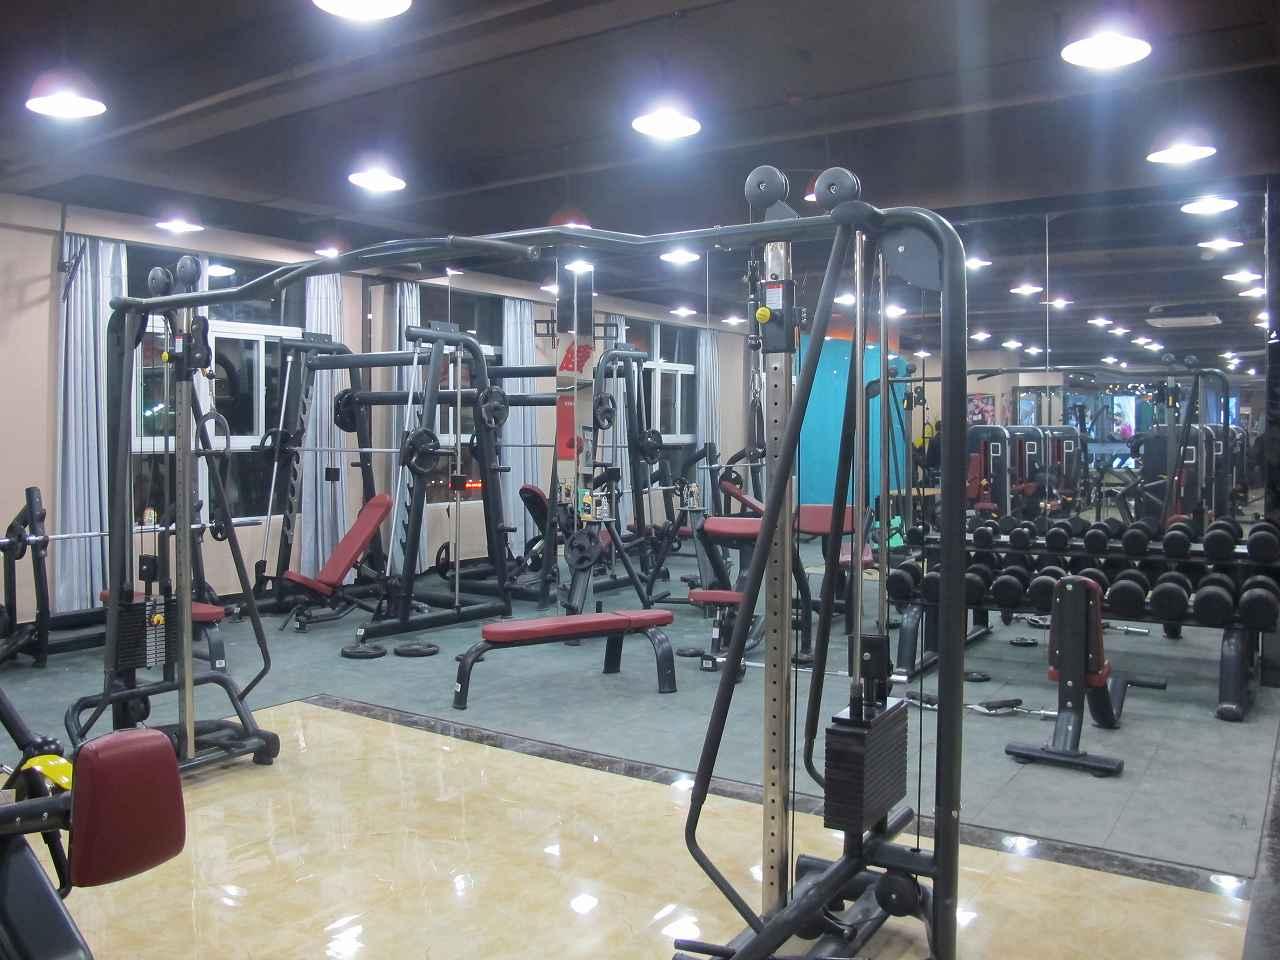 健身房加盟问答:开一家健身房的投资预算是多少钱?